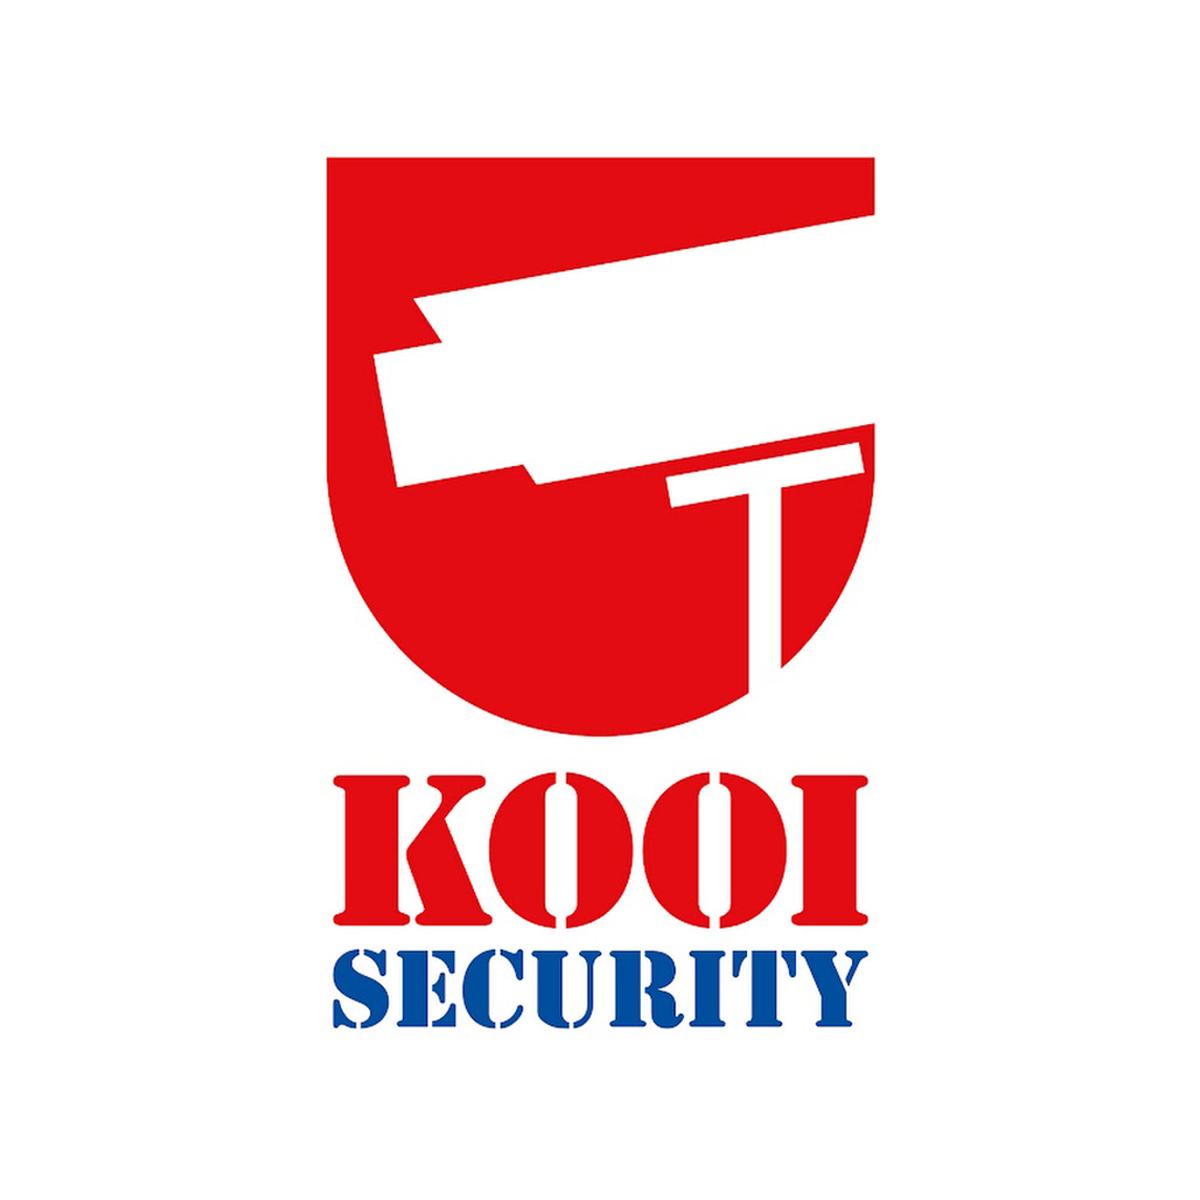 KooiSecurity.png